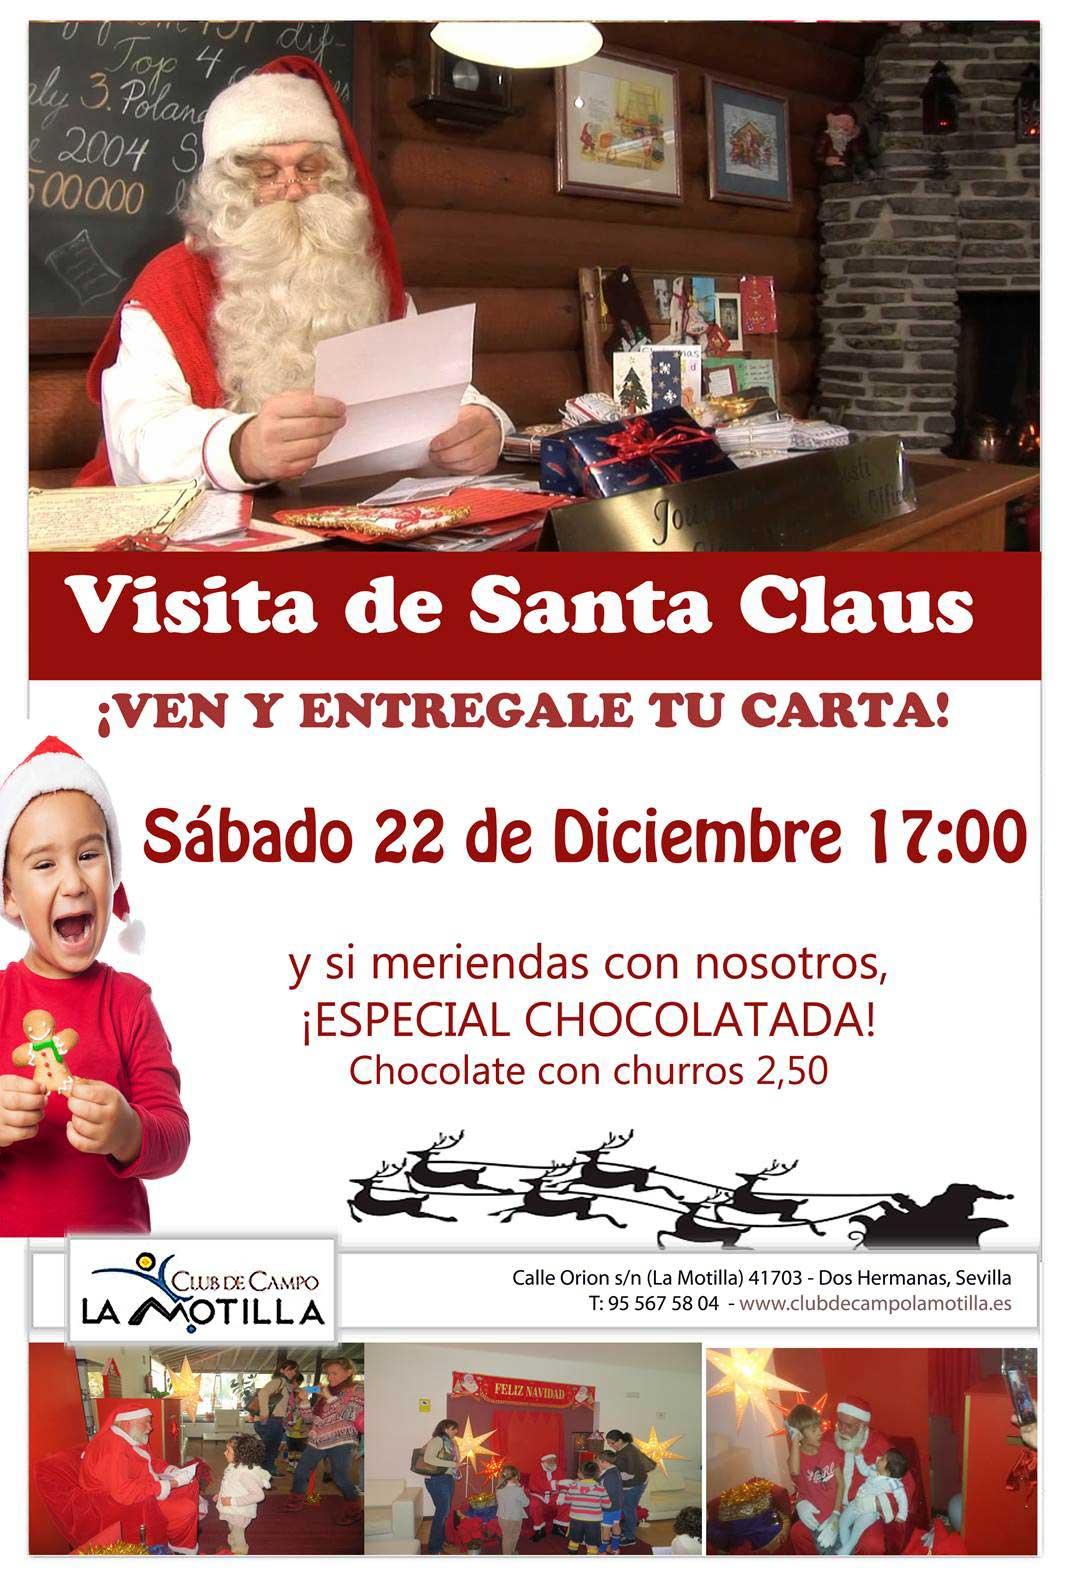 Visita de Santa Claus en el Club de Campo La Motilla